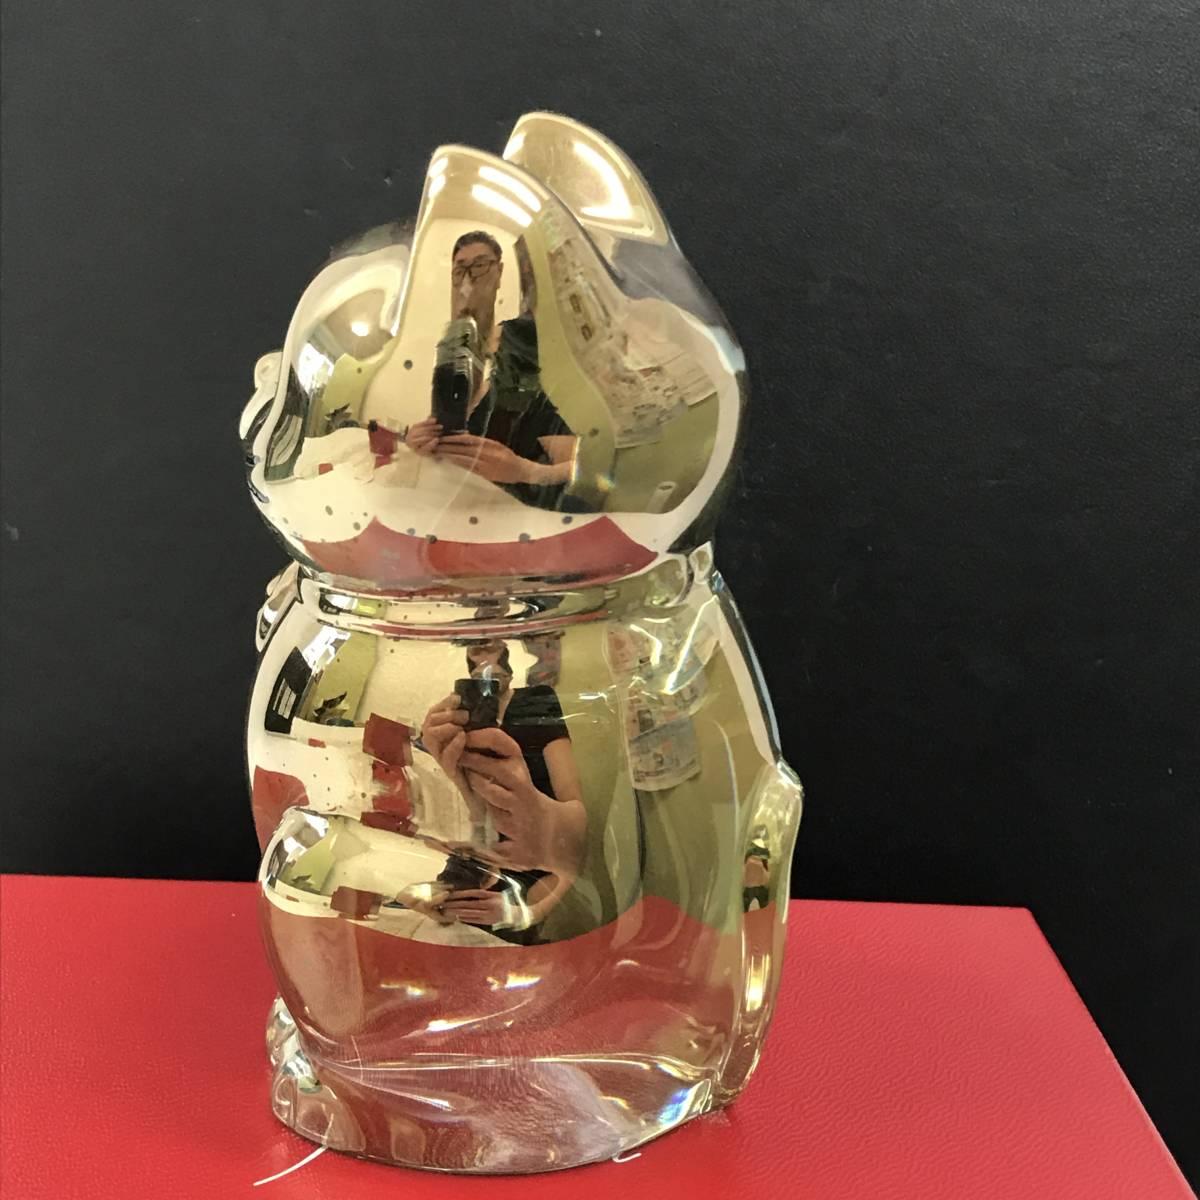 F 保管品 Baccarat バカラ 招き猫 ラッキーキャット ゴールド クリスタル 置物 フィギュリン 高さ 10cm 重さ500g 箱カード_画像5